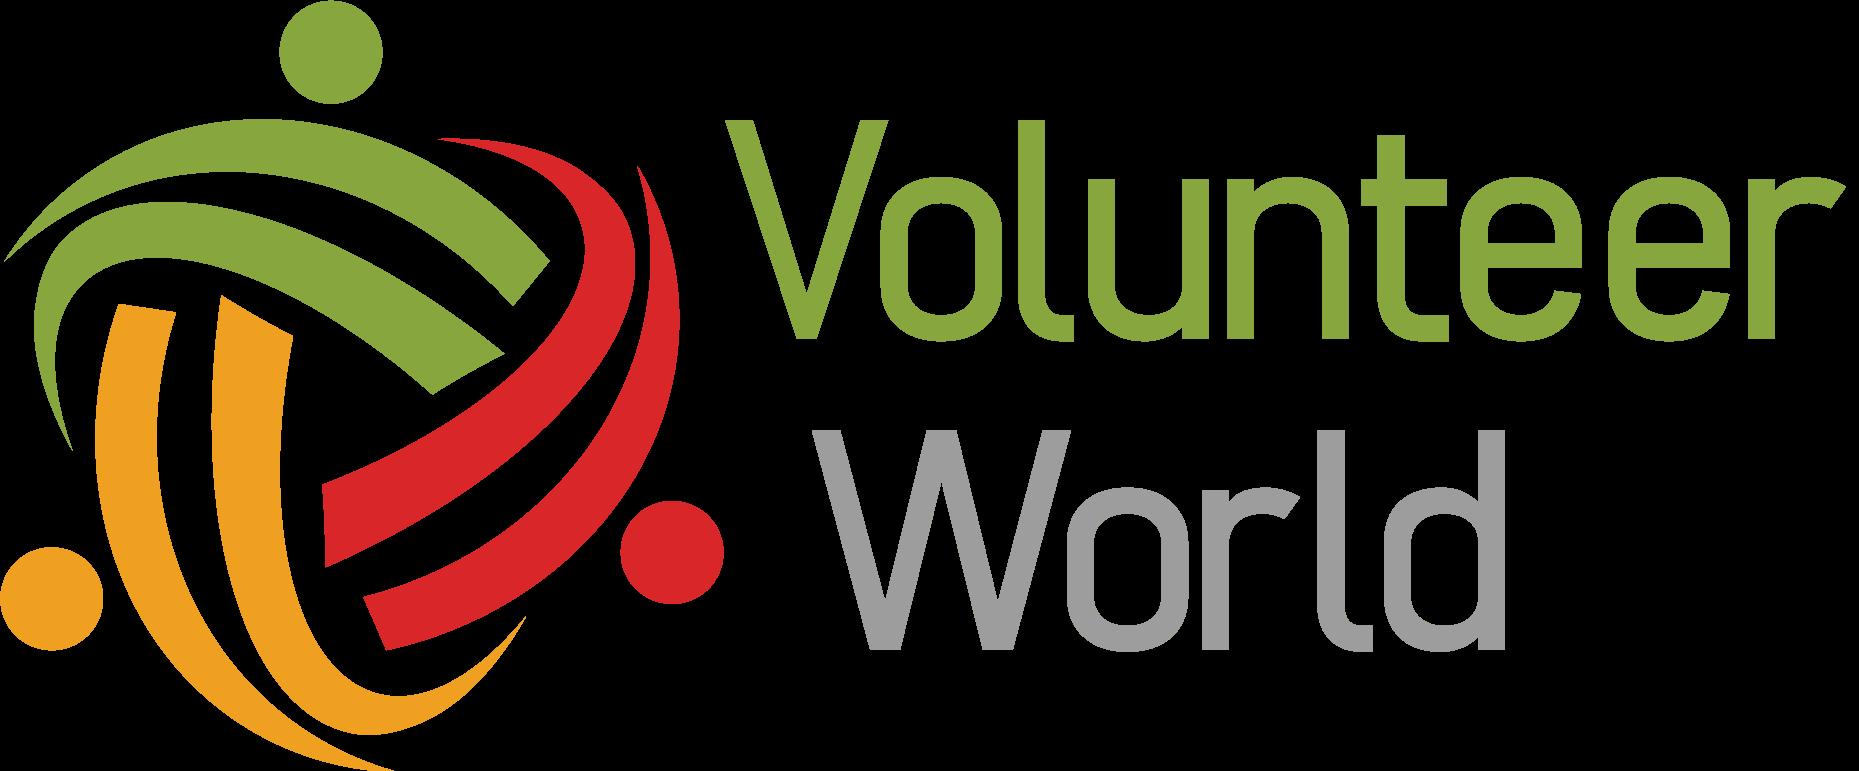 IT-Werkstudent/Freelancer: PHP Webentwicklung (m/w)